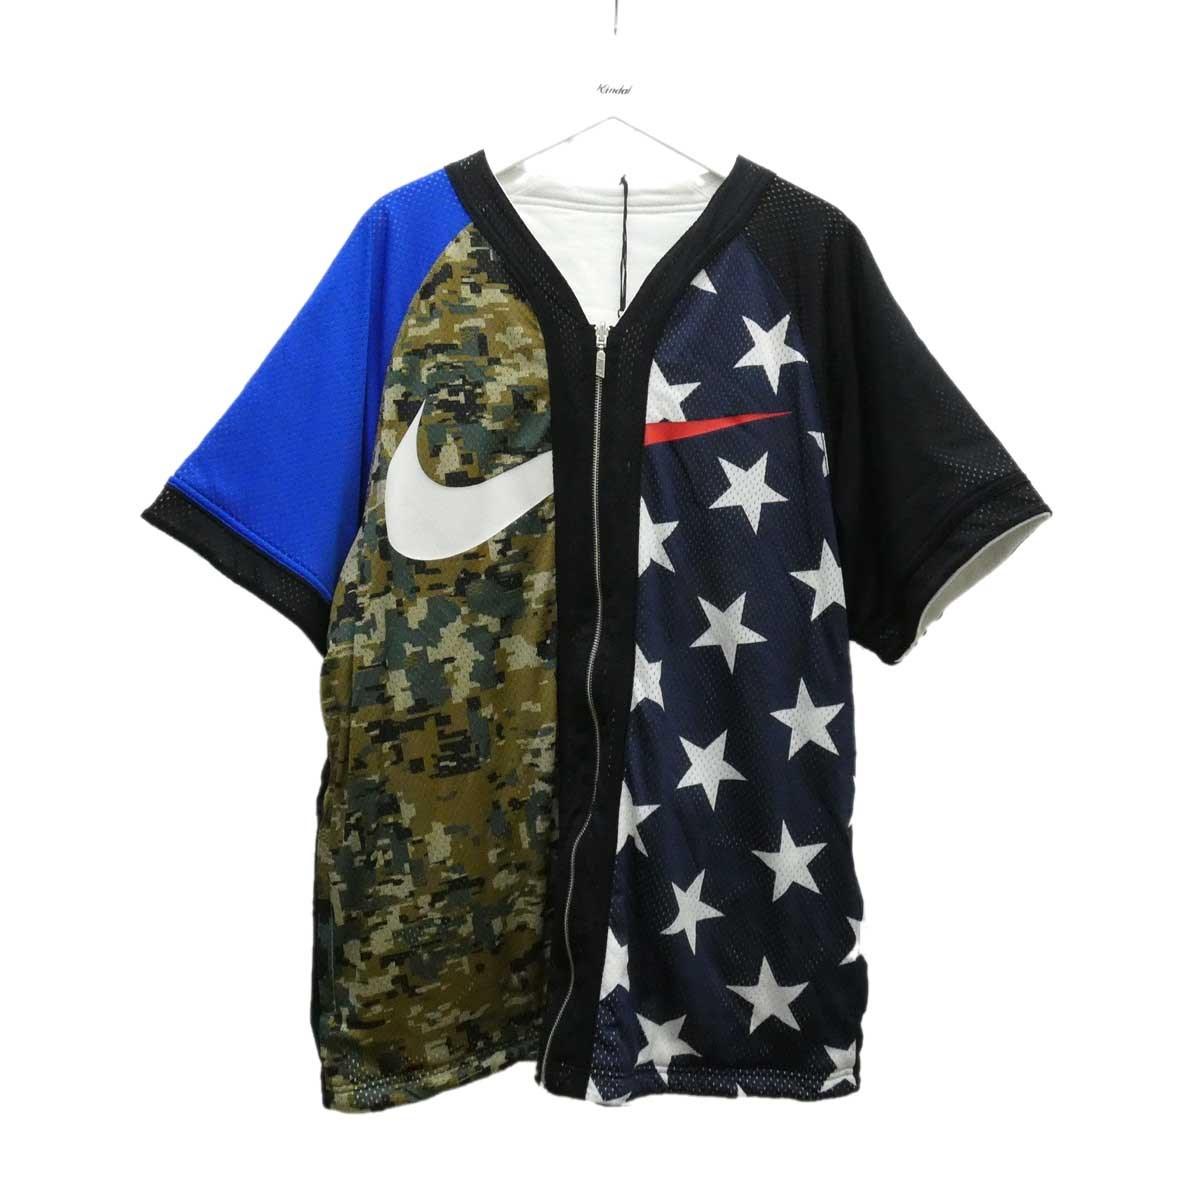 【中古】NIKE ベースボールシャツ マルチカラー サイズ:XL 【280720】(ナイキ)